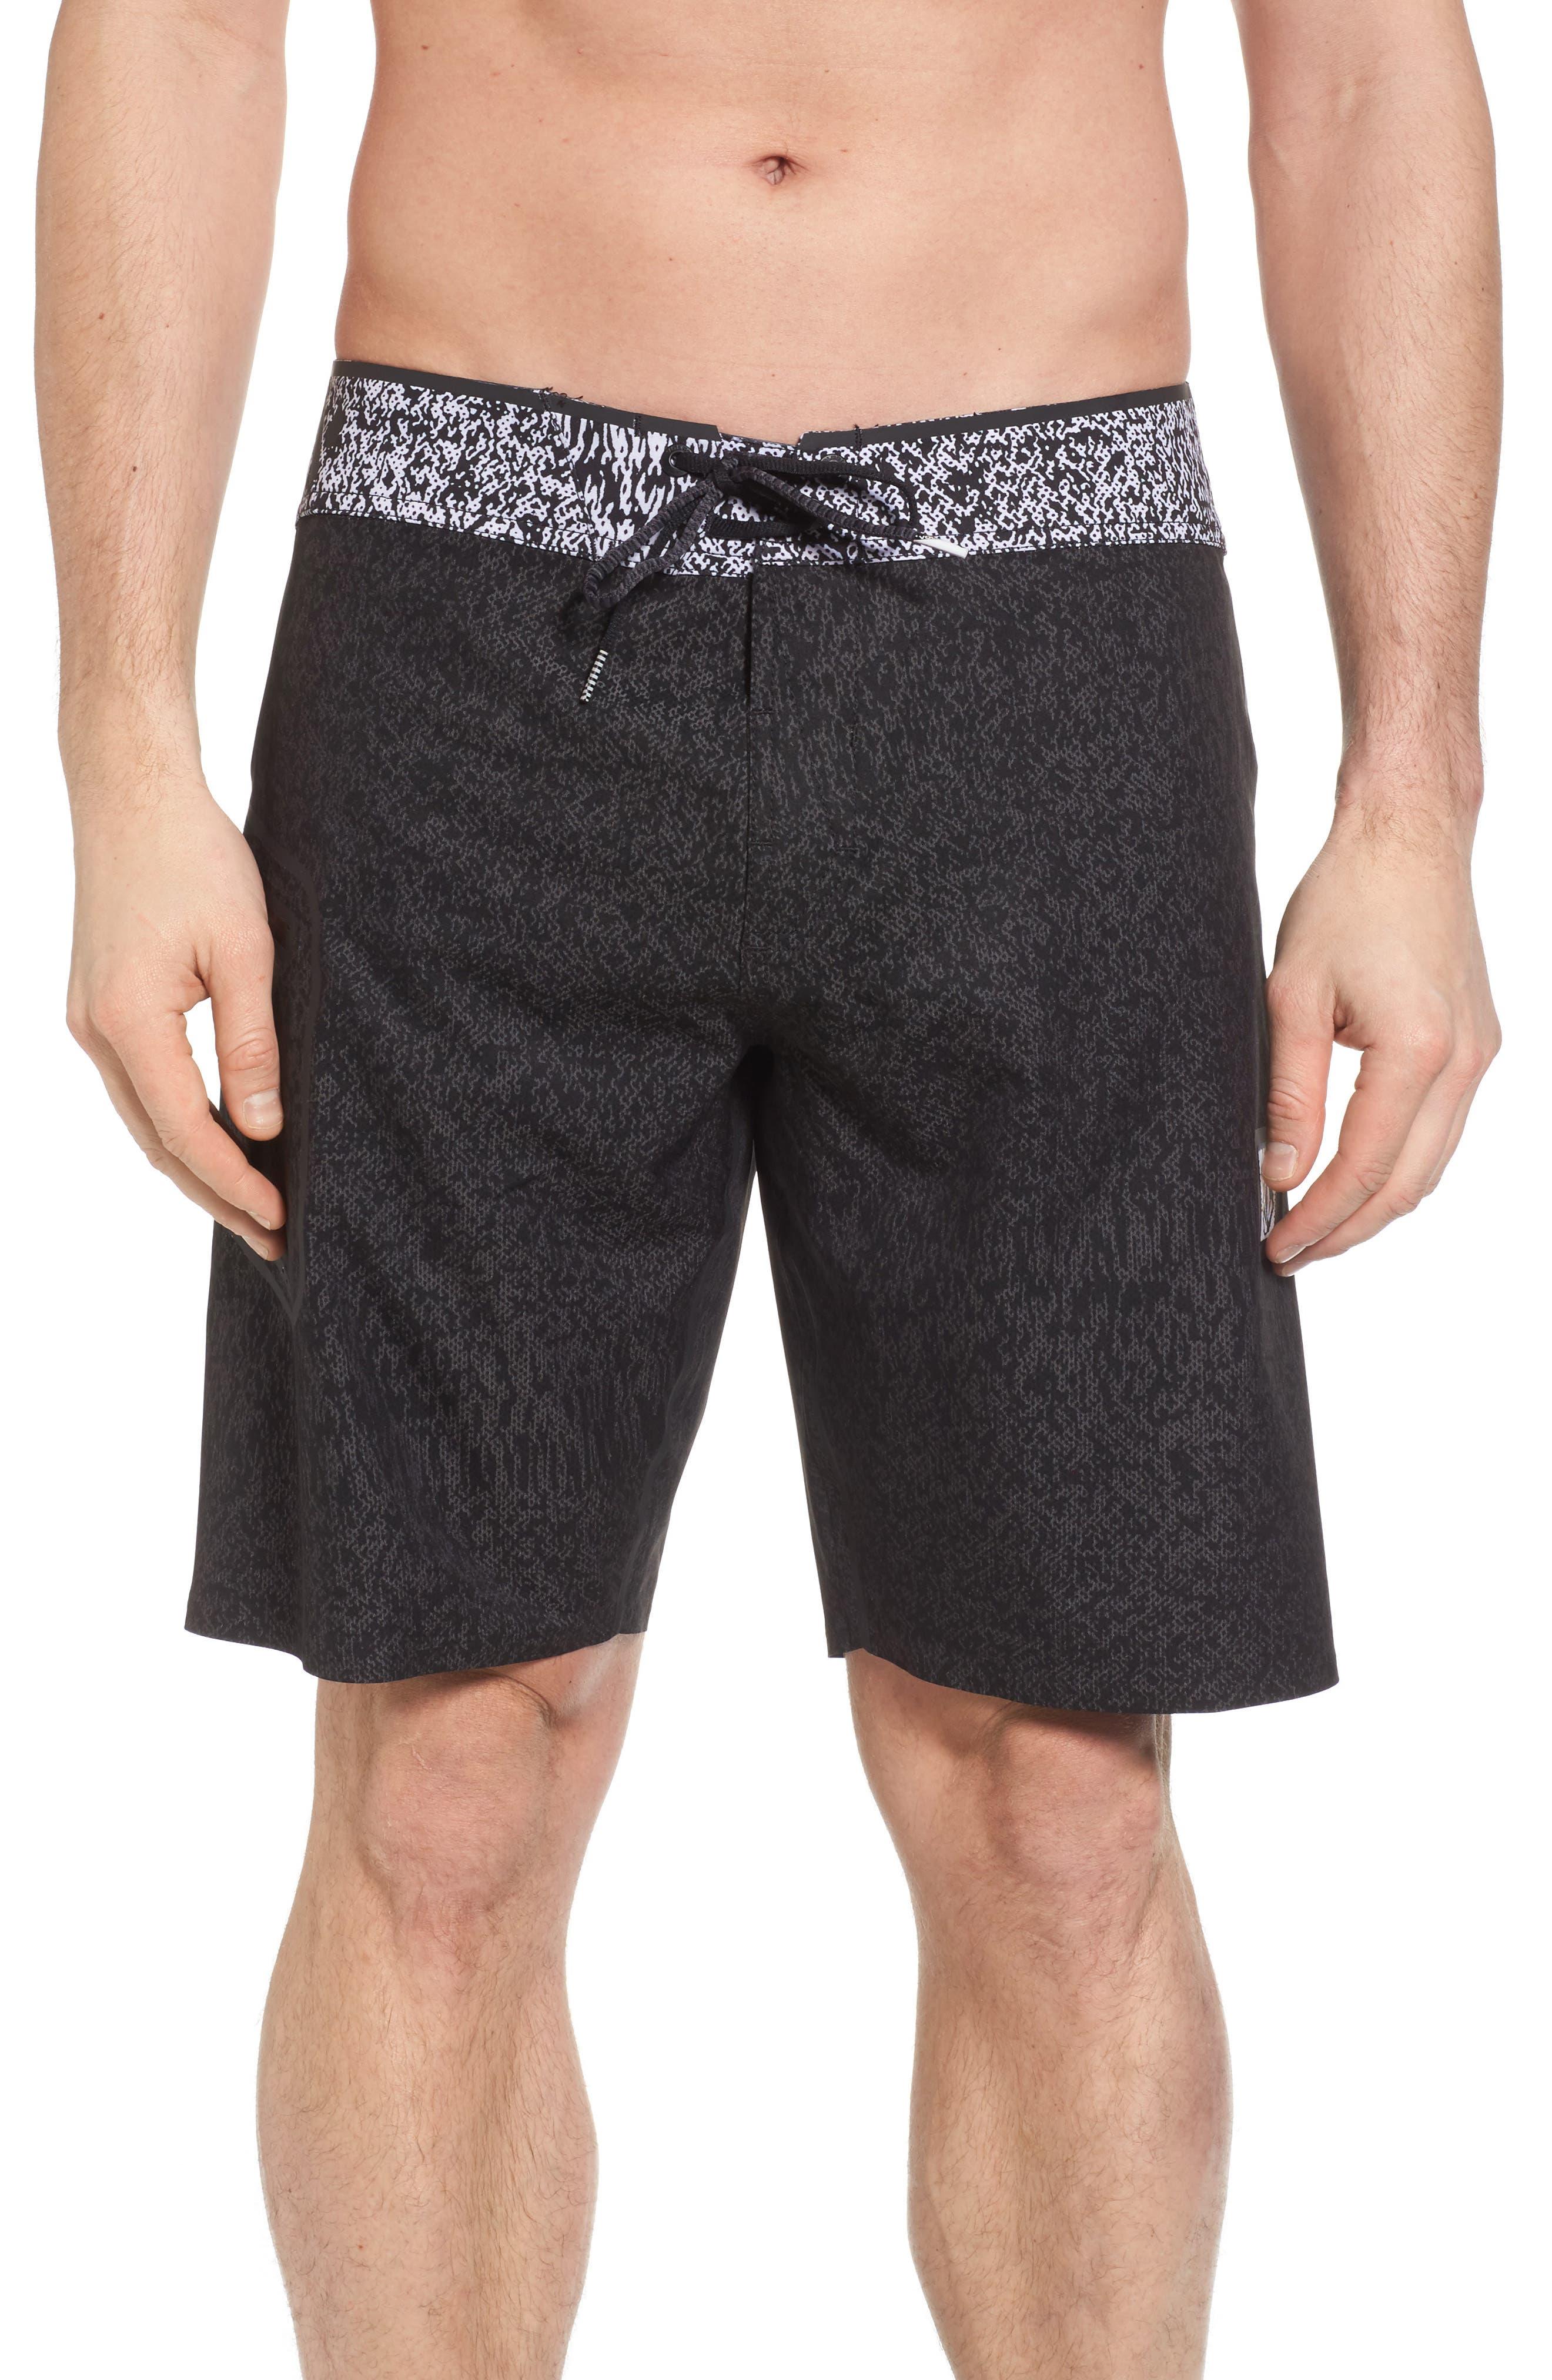 Plasm Plus Mod Board Shorts,                         Main,                         color,